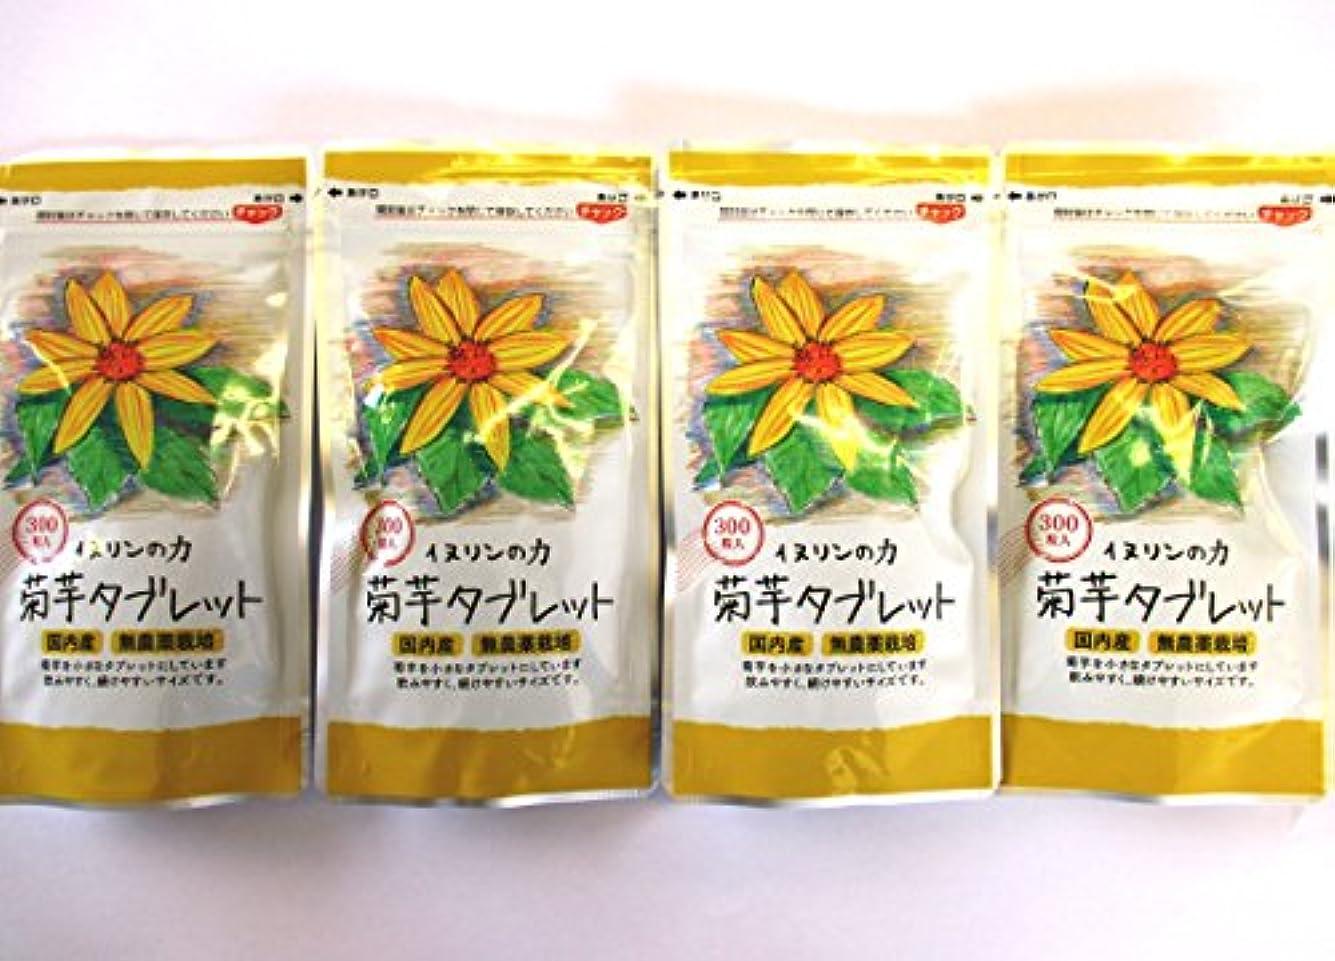 スプリットカバー創造菊芋タブレット 250mg×300粒 4個セット 内容量:300g ★4袋で生菊芋=2640g分相当です!